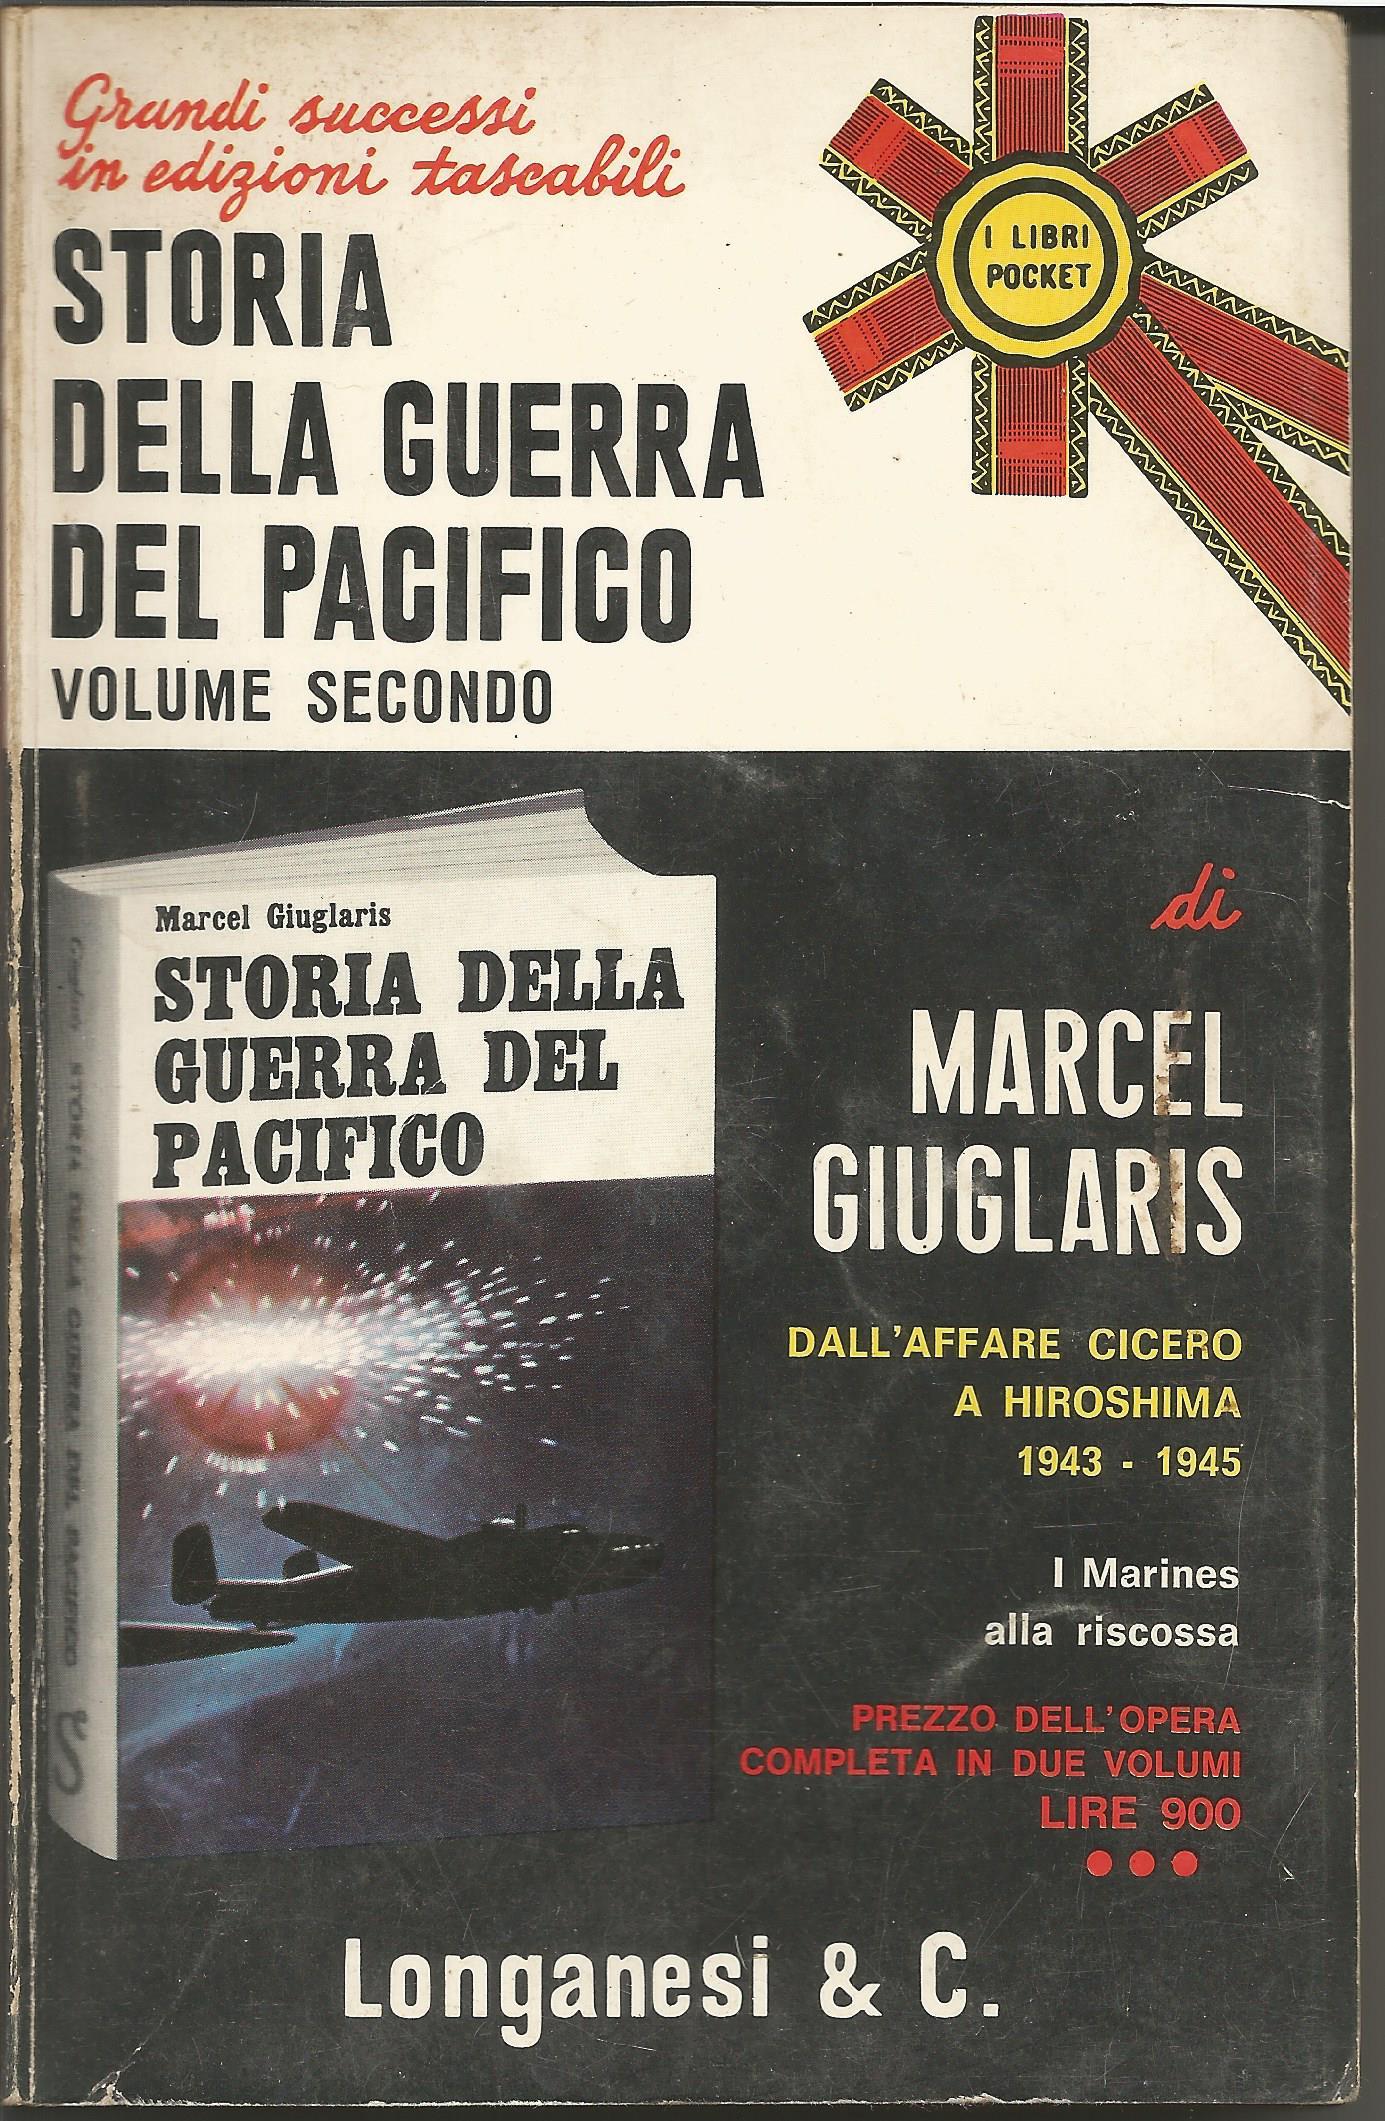 Storia della guerra del Pacifico - volume secondo